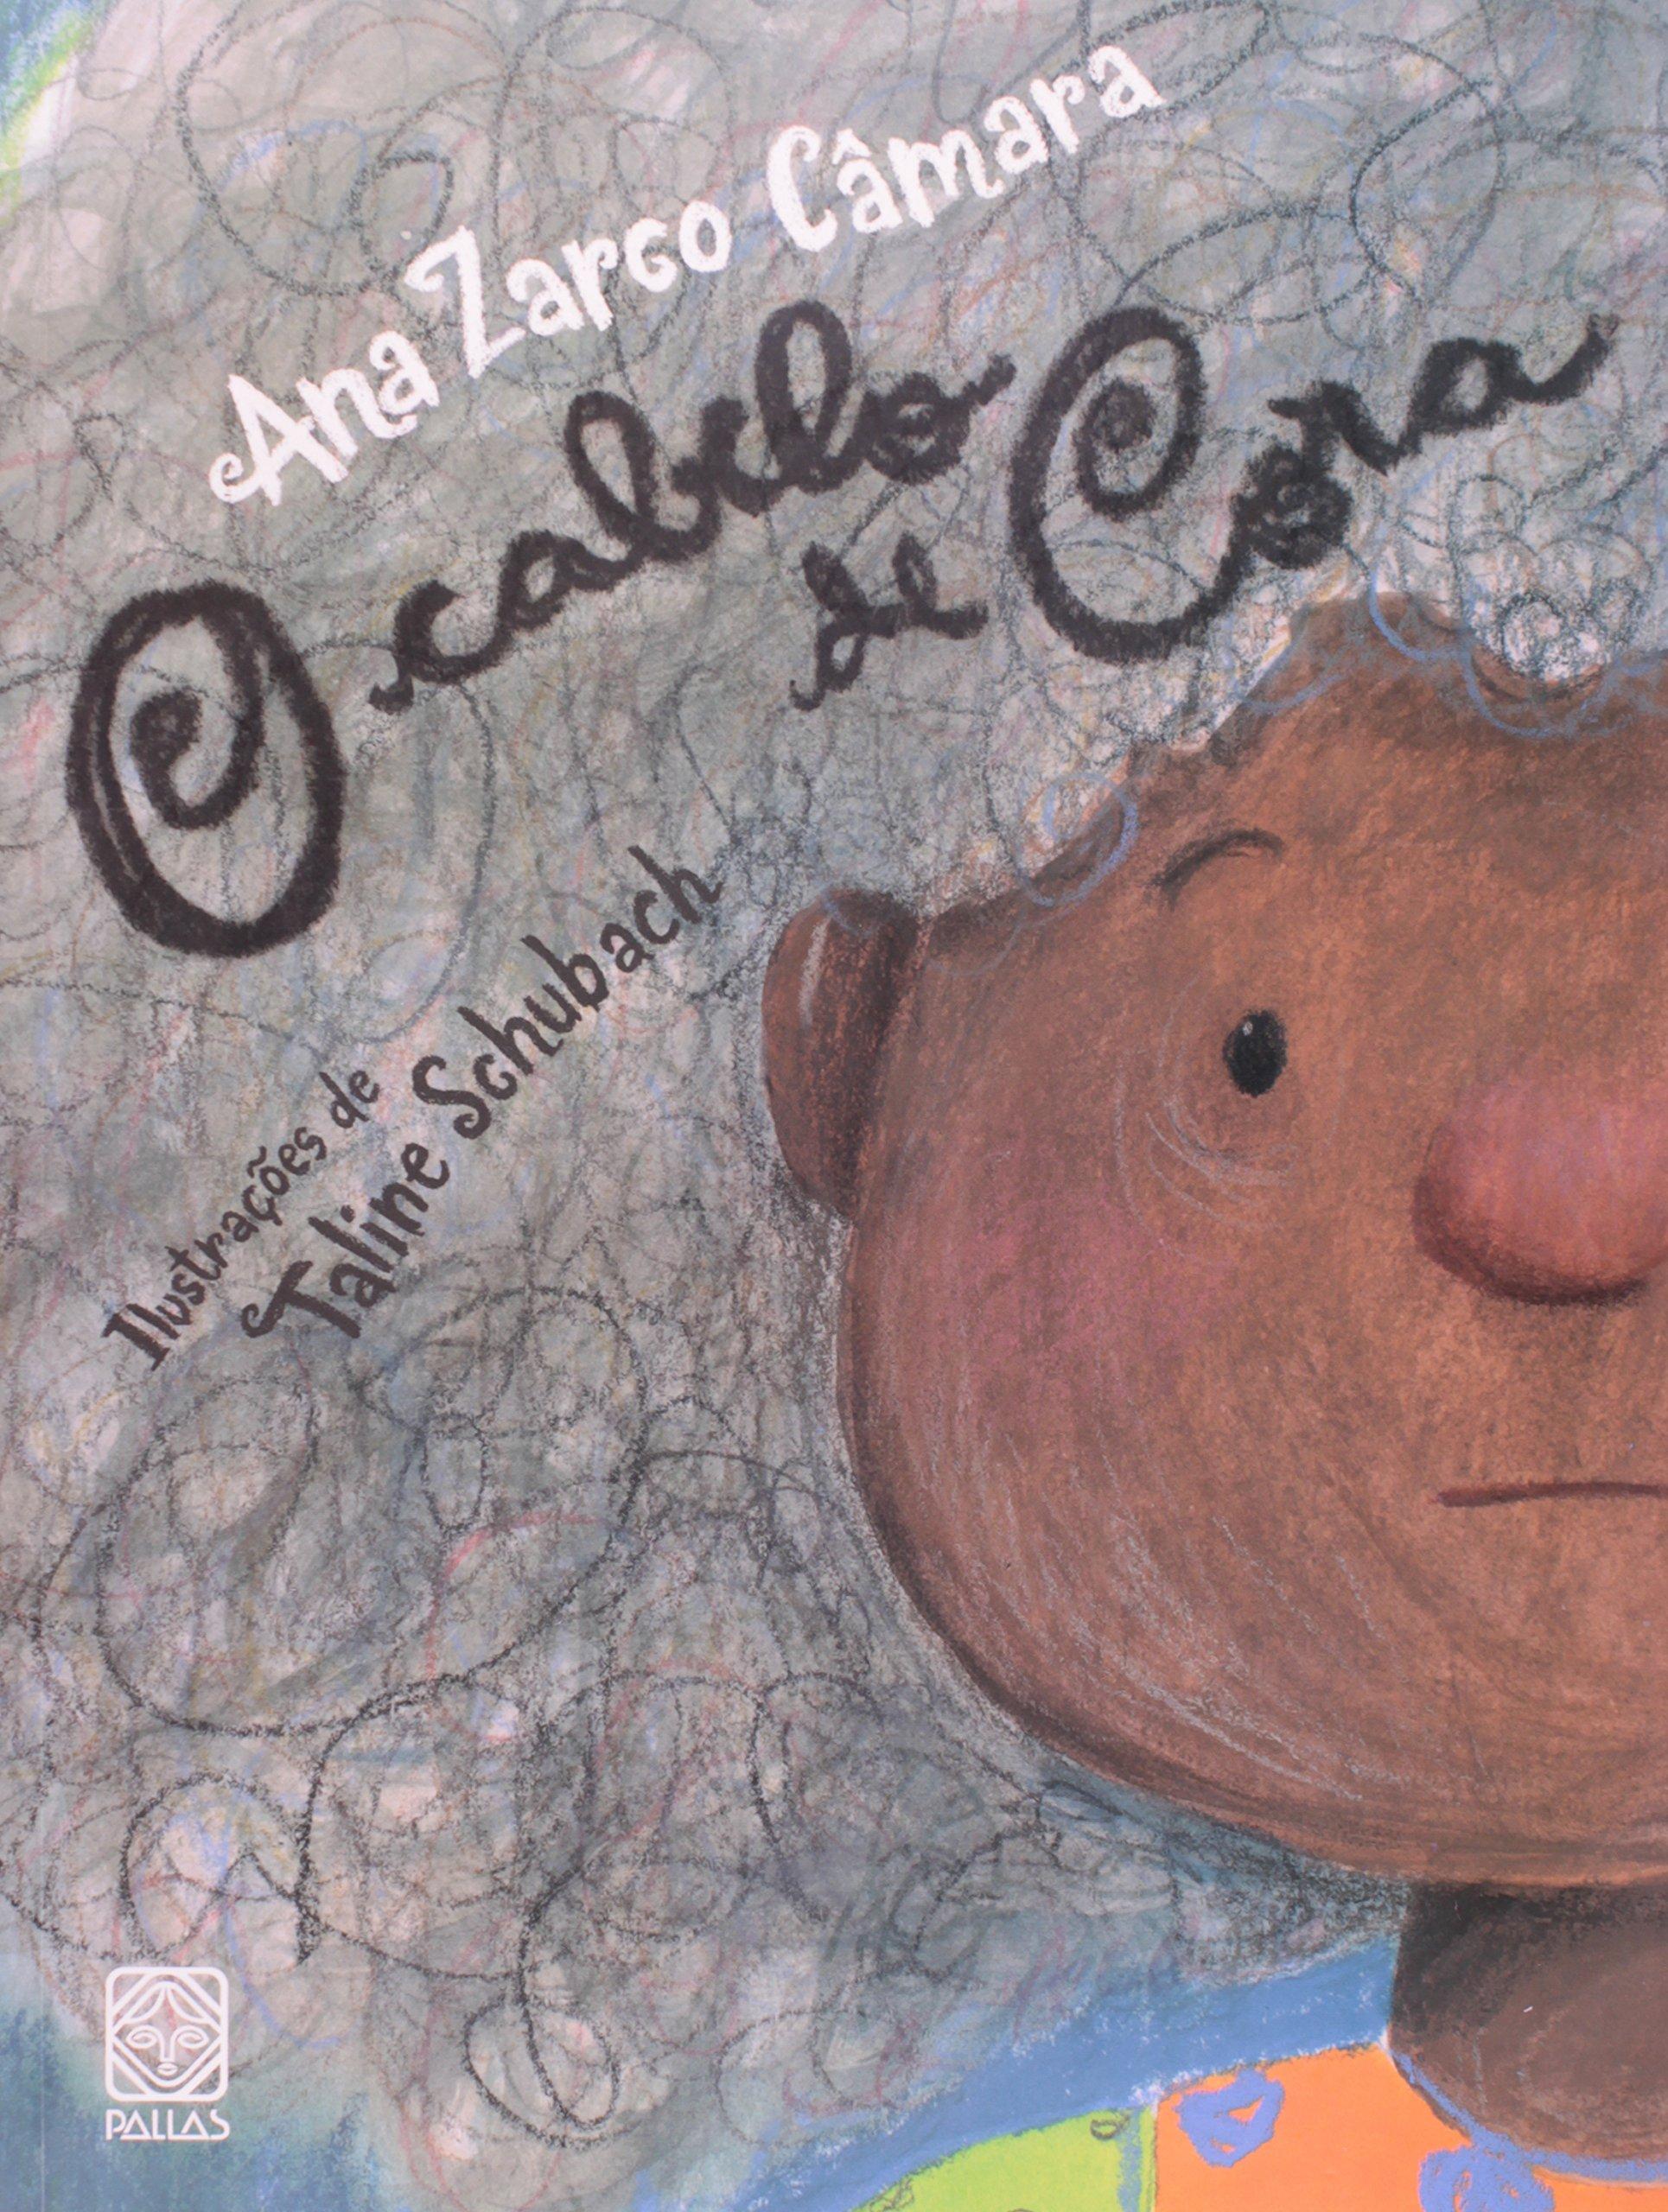 O Cabelo De Cora Livros Na Amazon Brasil 9788534704960